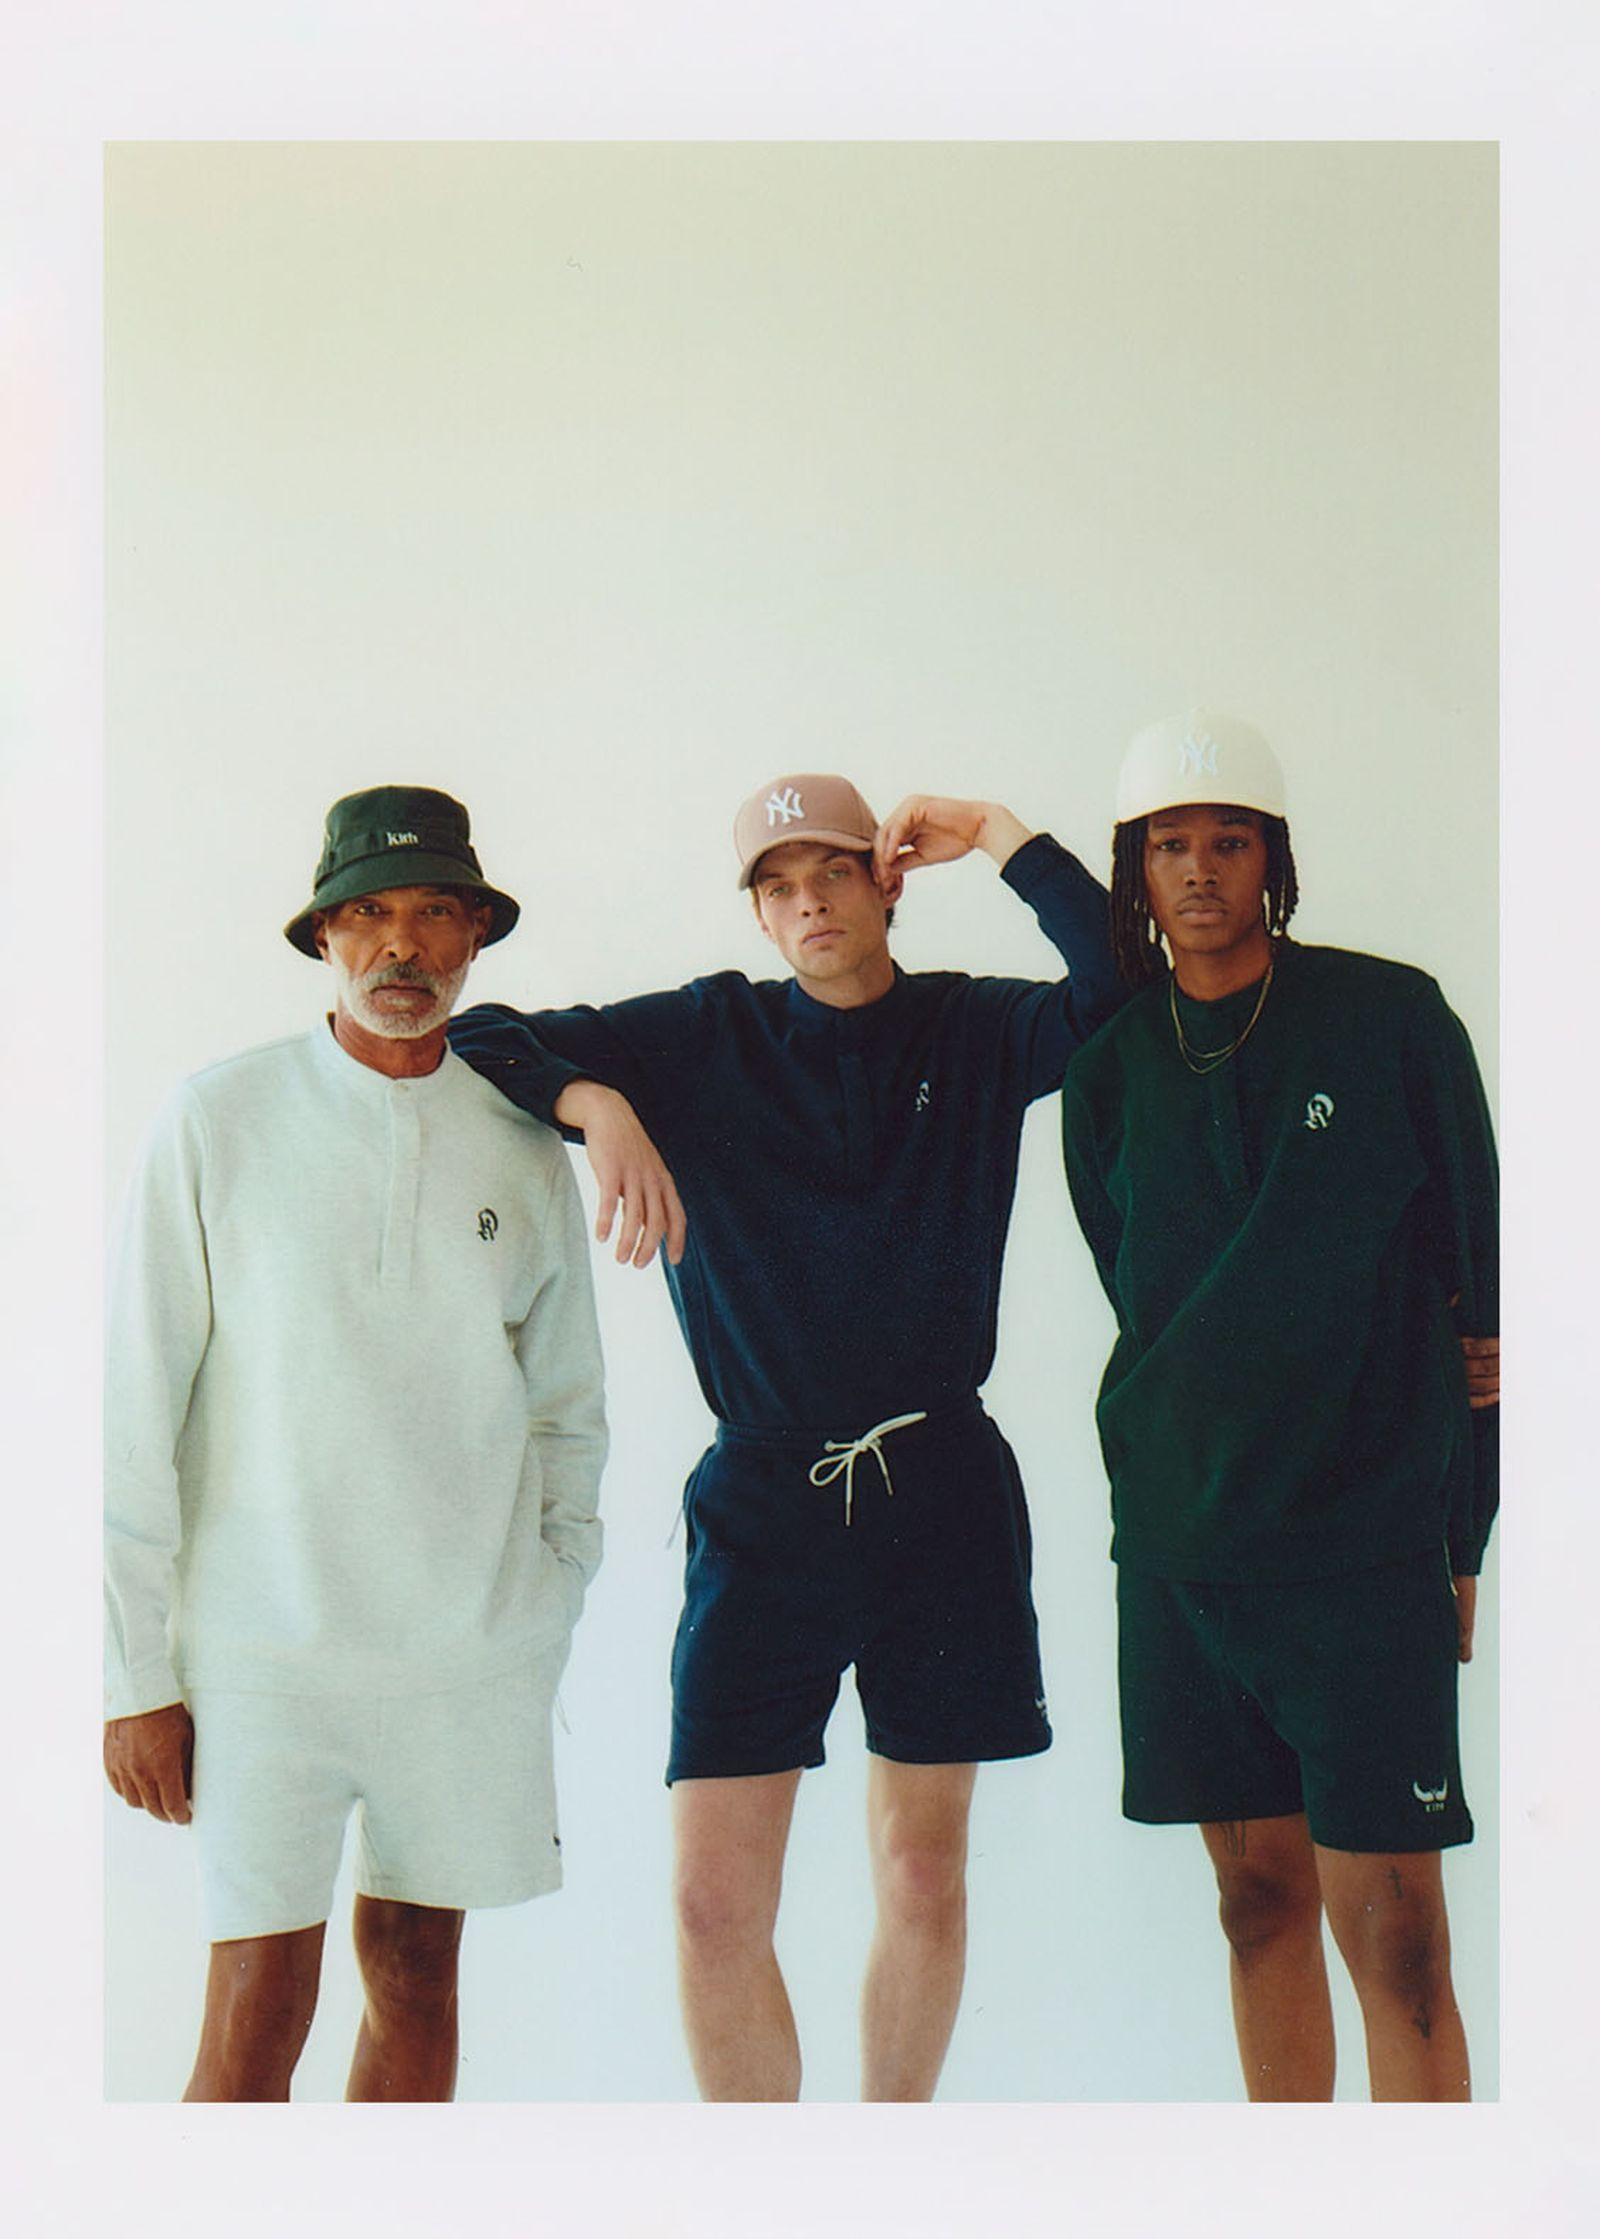 ronnie-fieg-clarks-originals-8th-street-lookbook-09